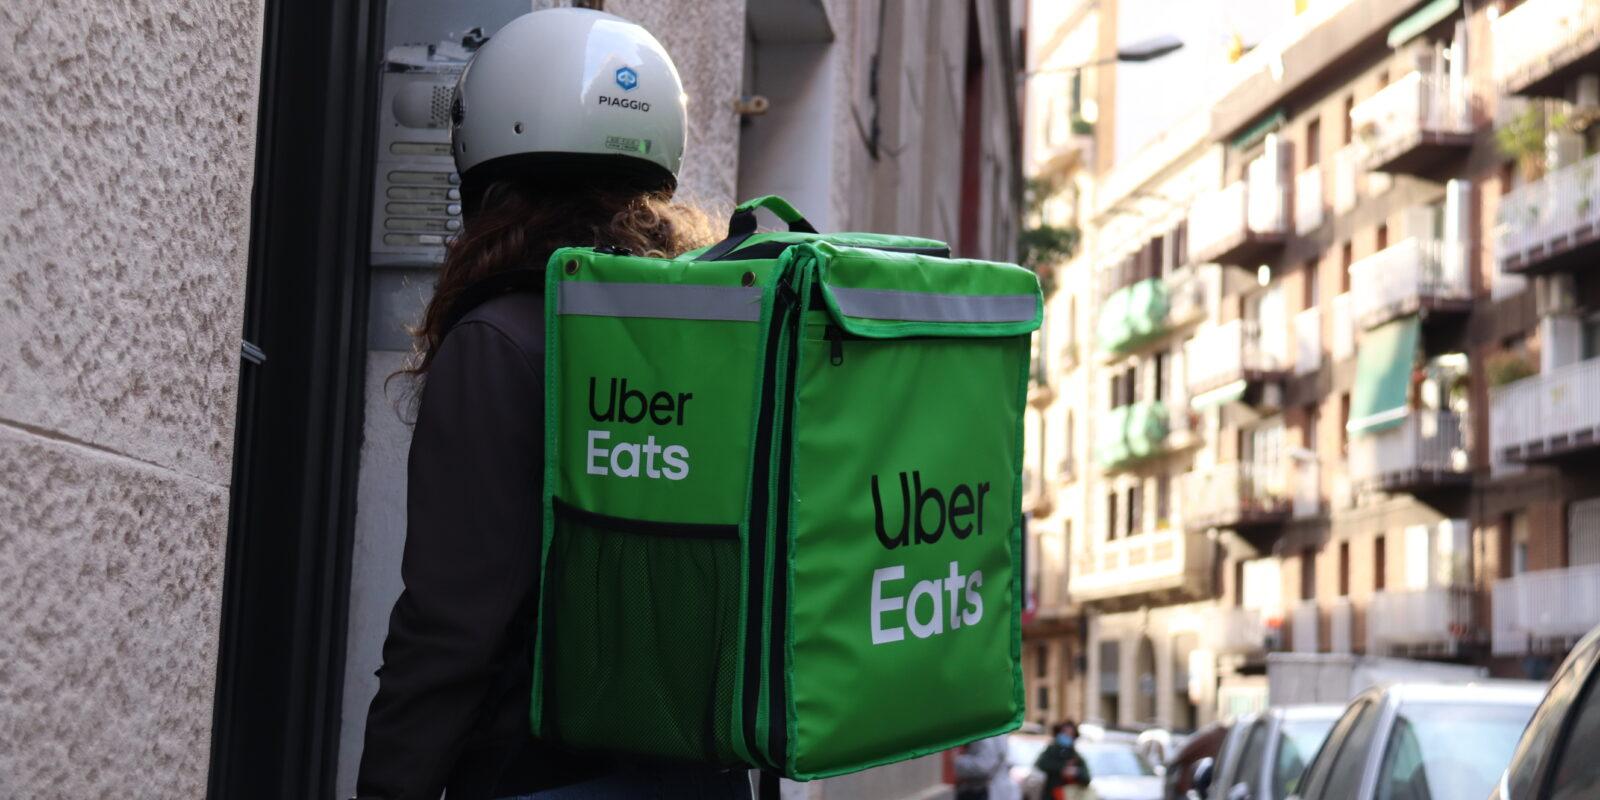 Pla curt d'una repartidora d'Uber Eats esperant per entrar a entregar una comanda a un domicili, el 8 d'abril del 2021 (Horitzontal)